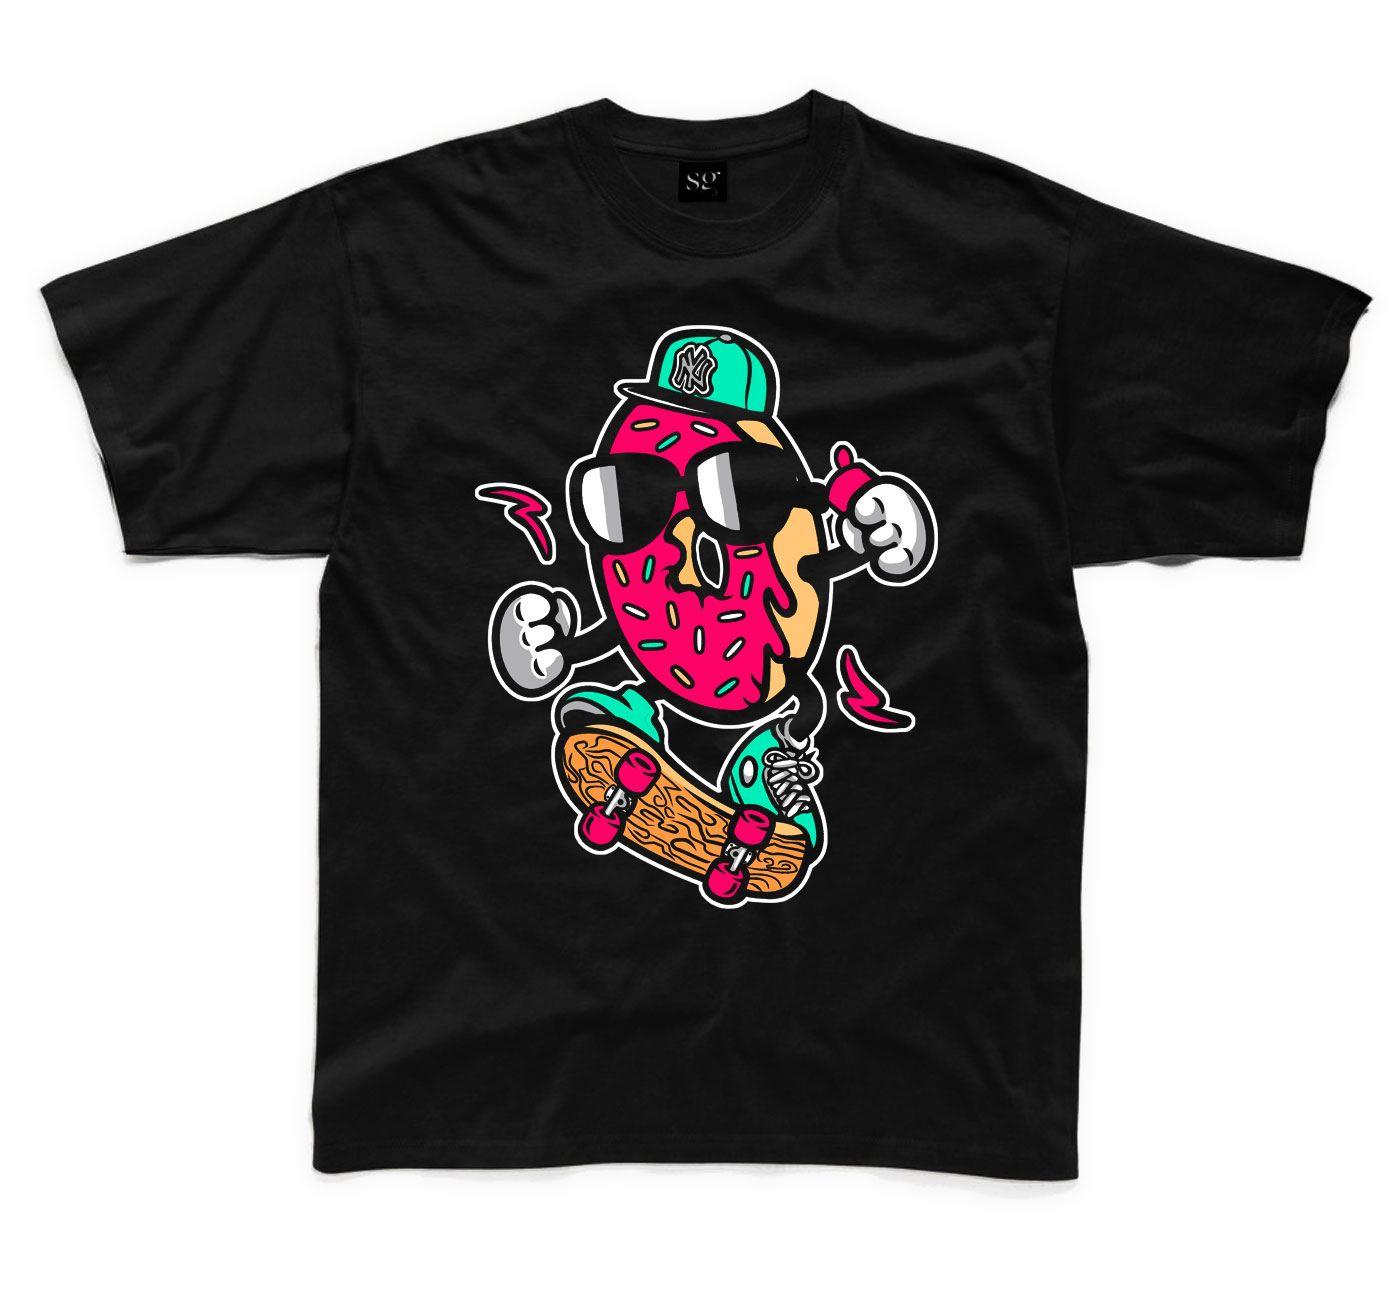 Donut Skateboarder Kids Childrens T-Shirt Skateboard Clothing Tee